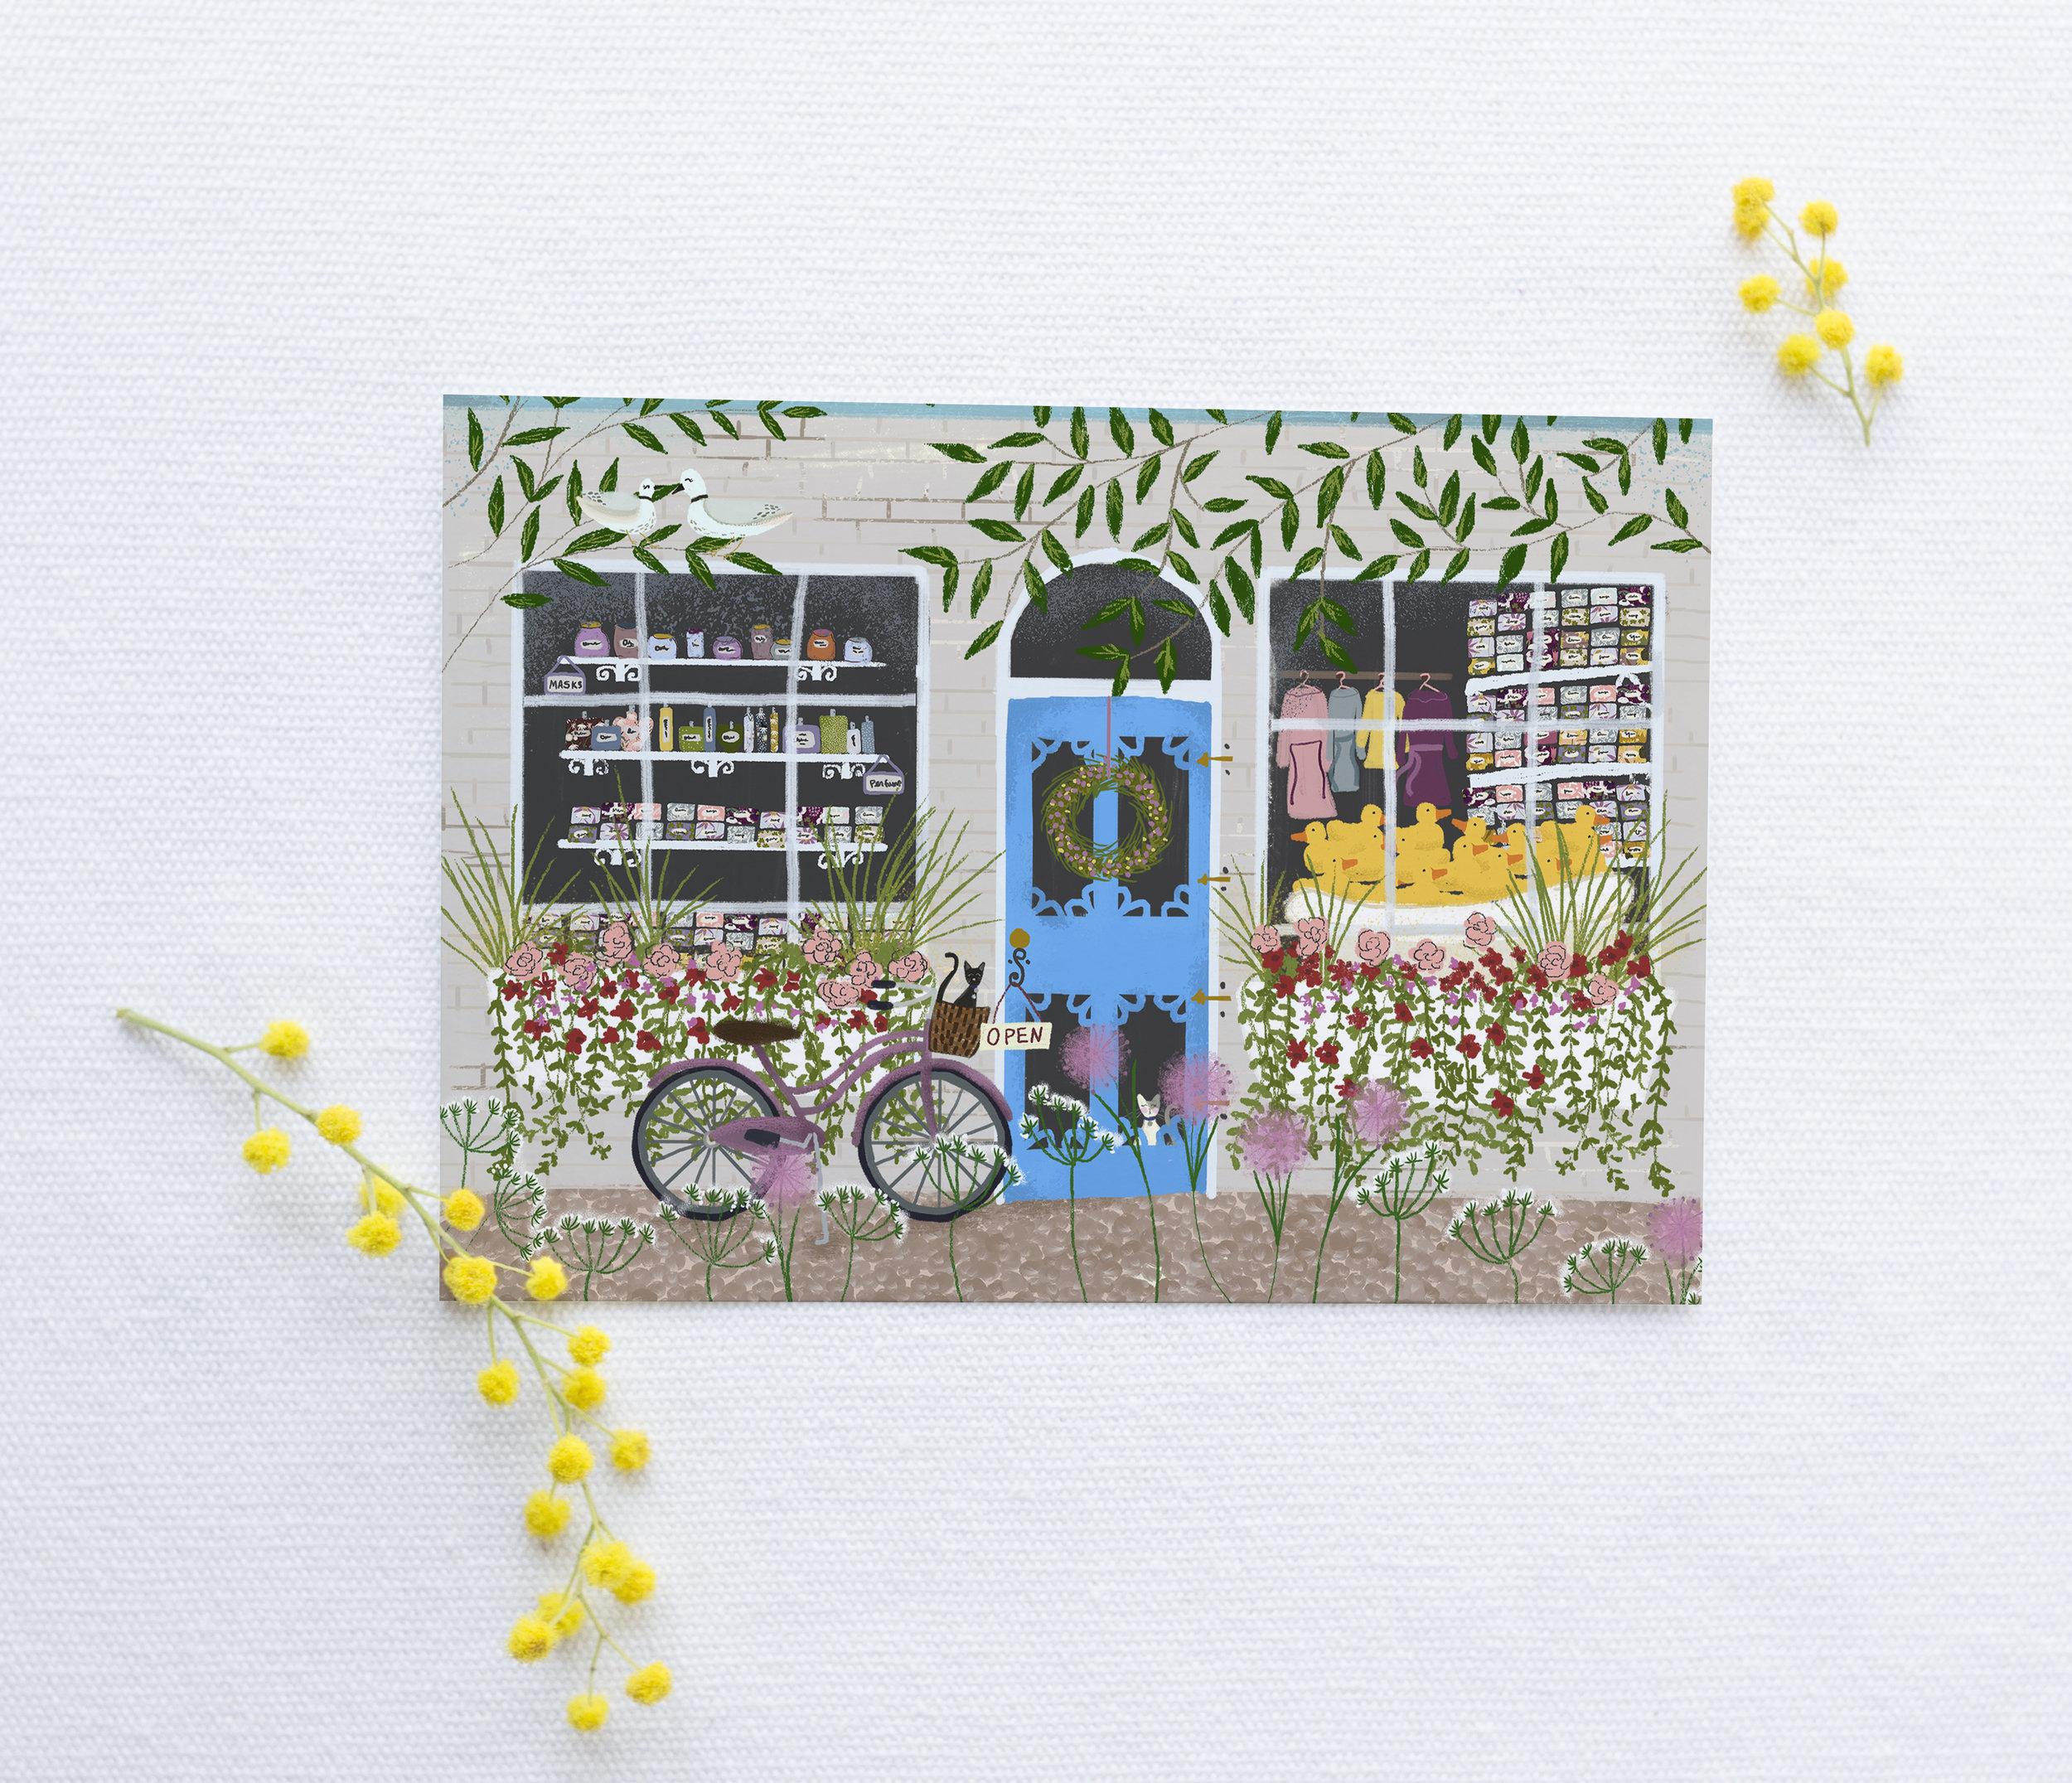 Soap Shop Storefront by Joy Laforme for Woodmansterne